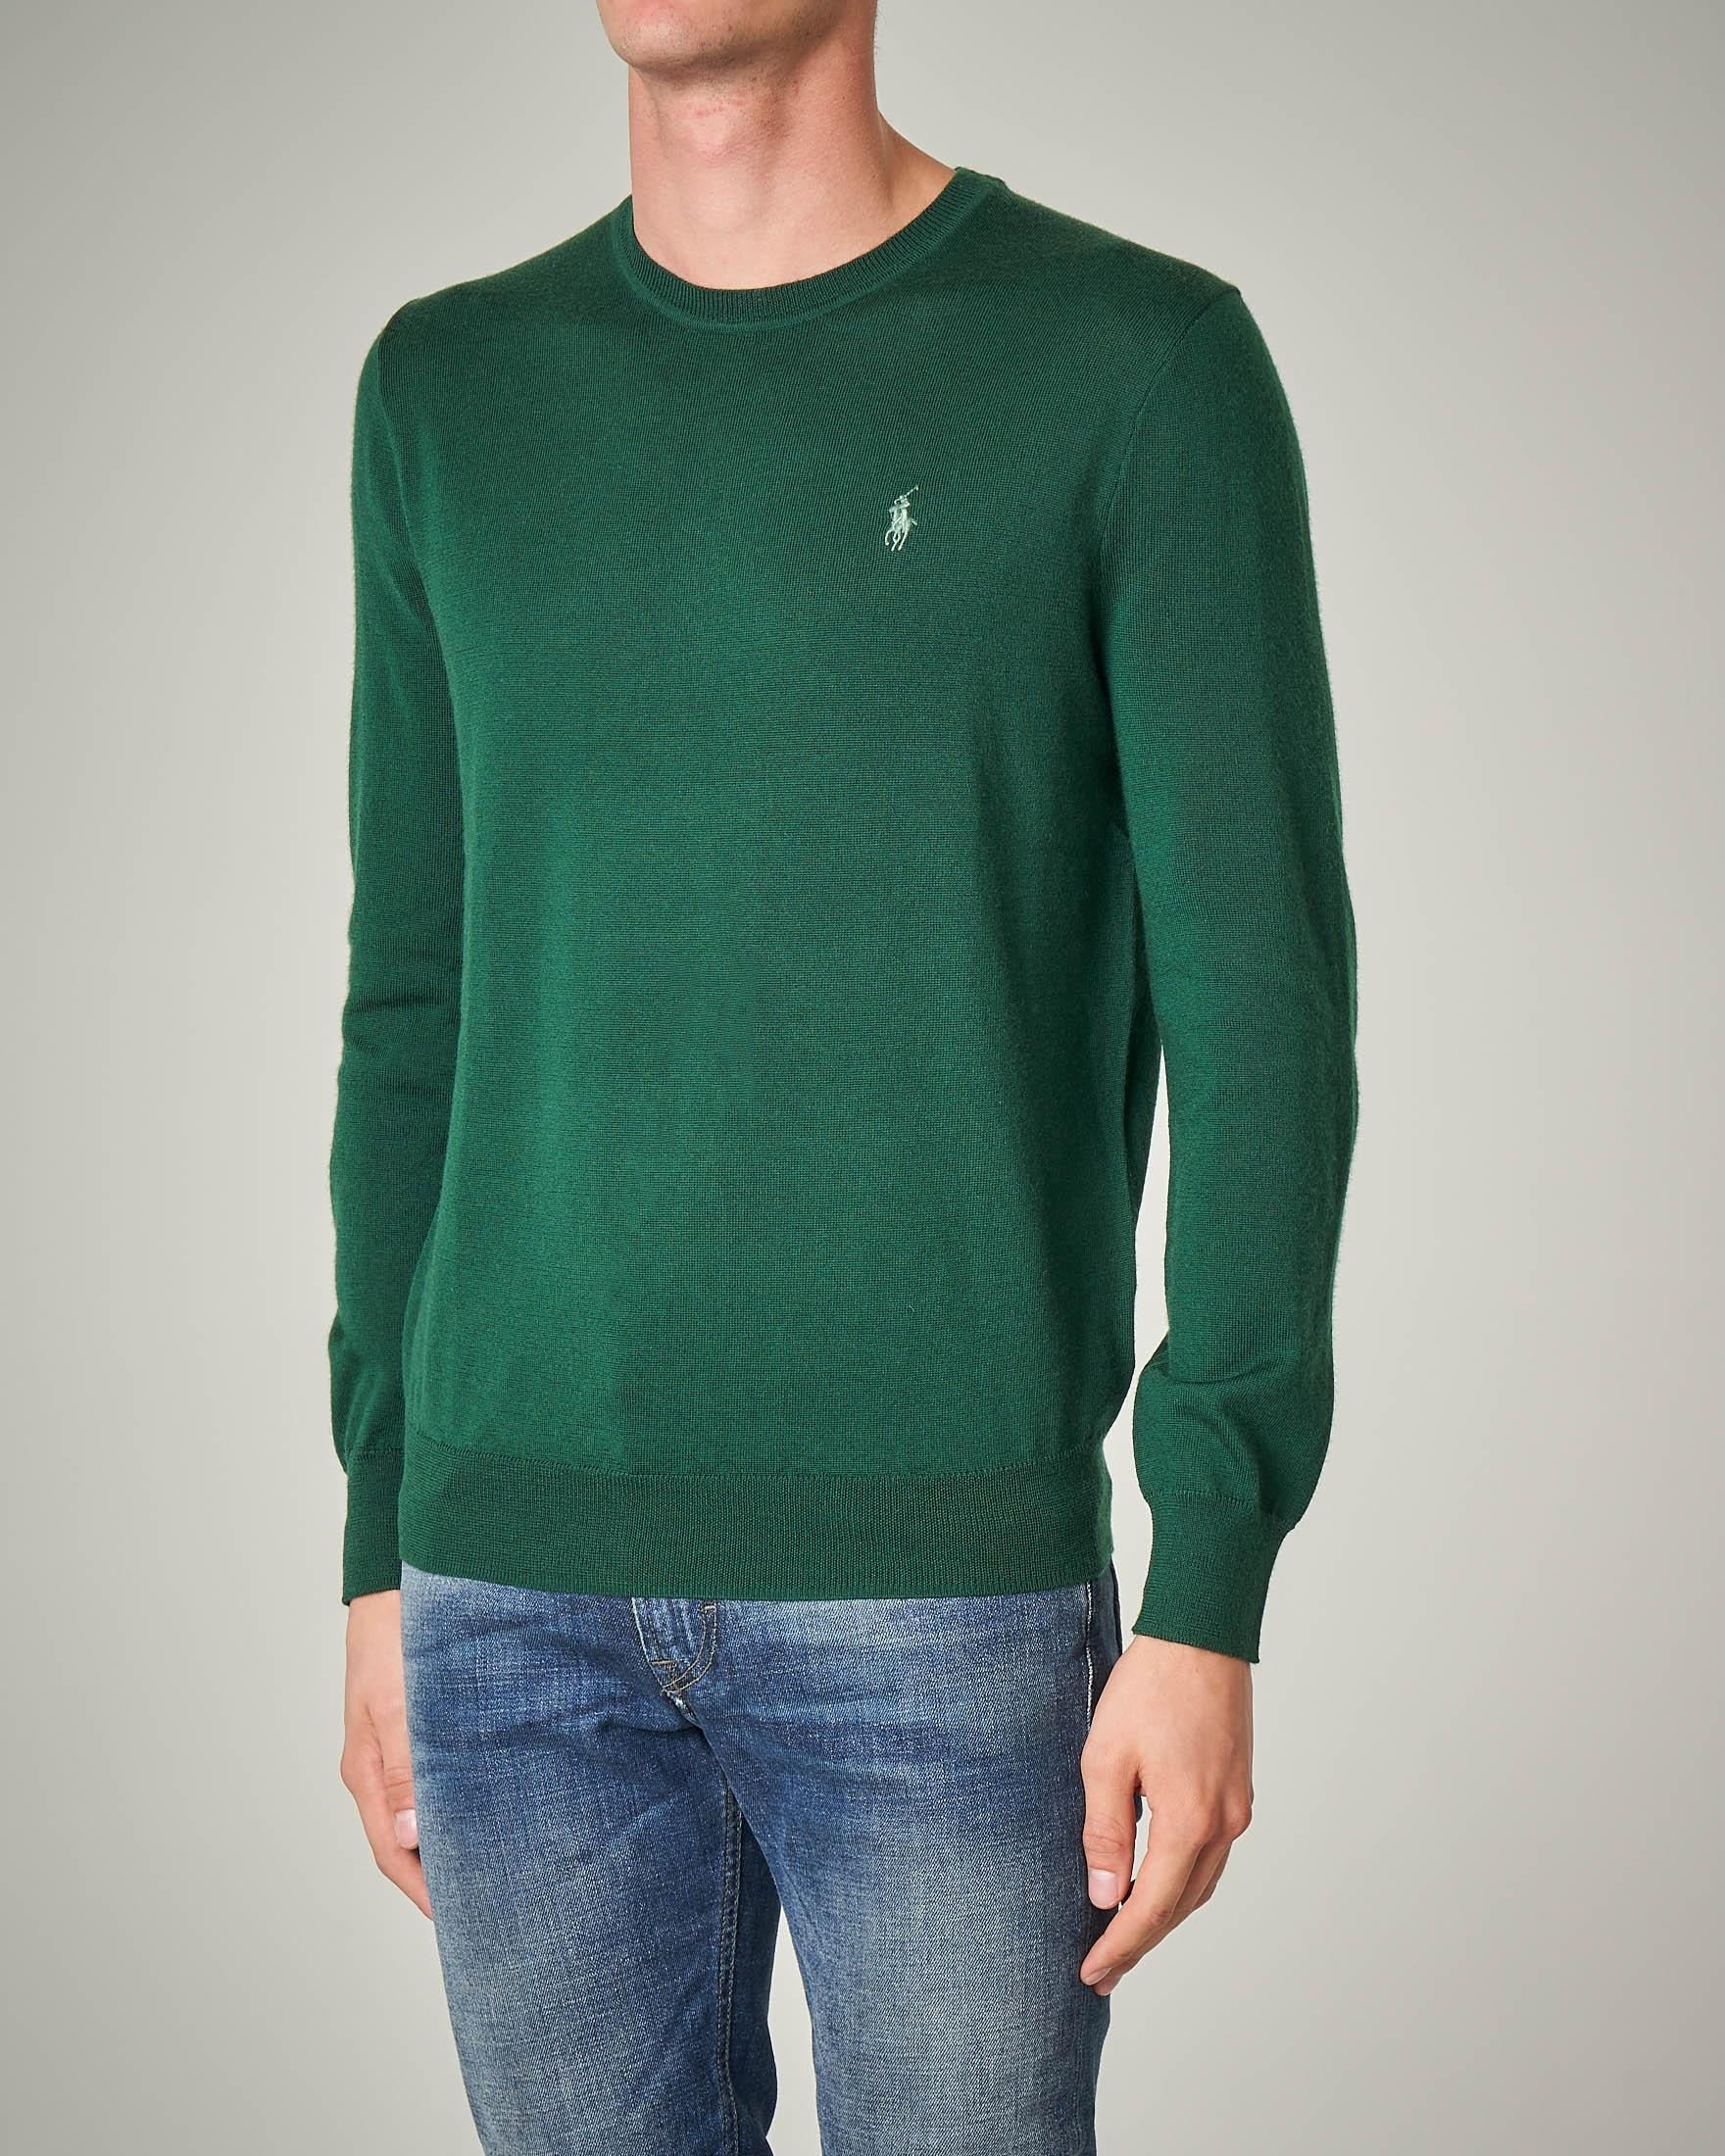 Maglia verde girocollo in lana merino